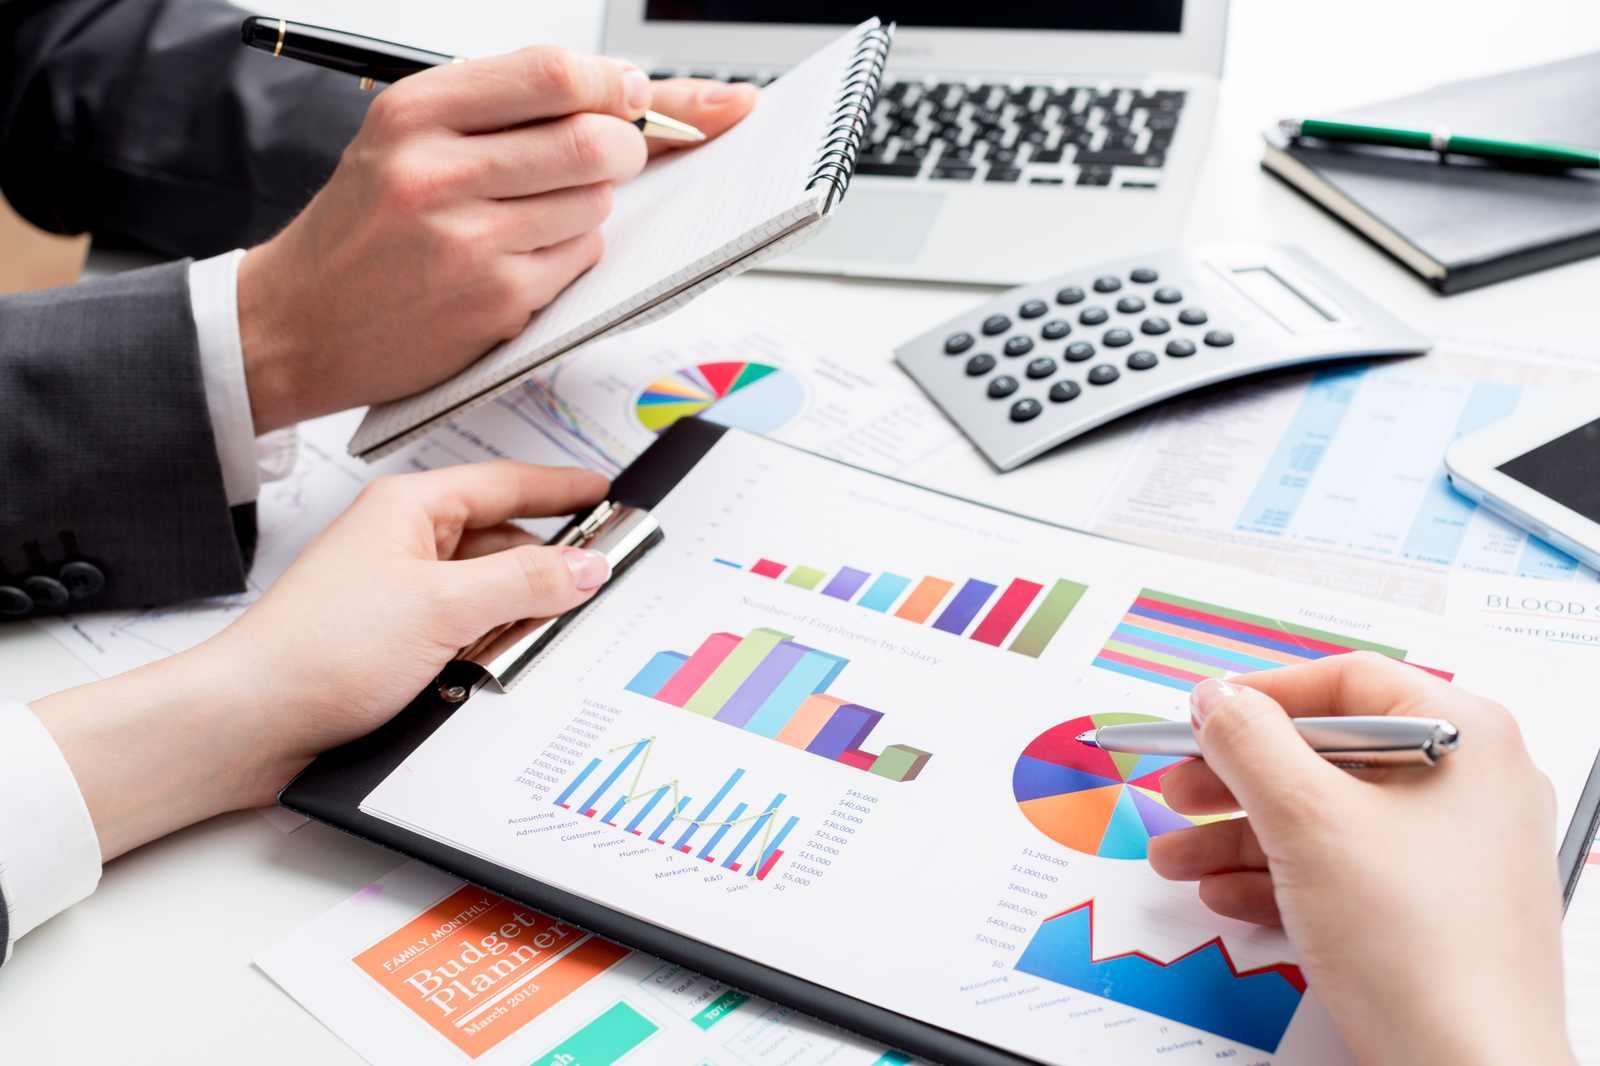 آموزش حسابداری ، آموزش نرم افزار هلو ، کتاب حسابداری عمومی مقدماتی pdf ، شهرام روزبهانی ،